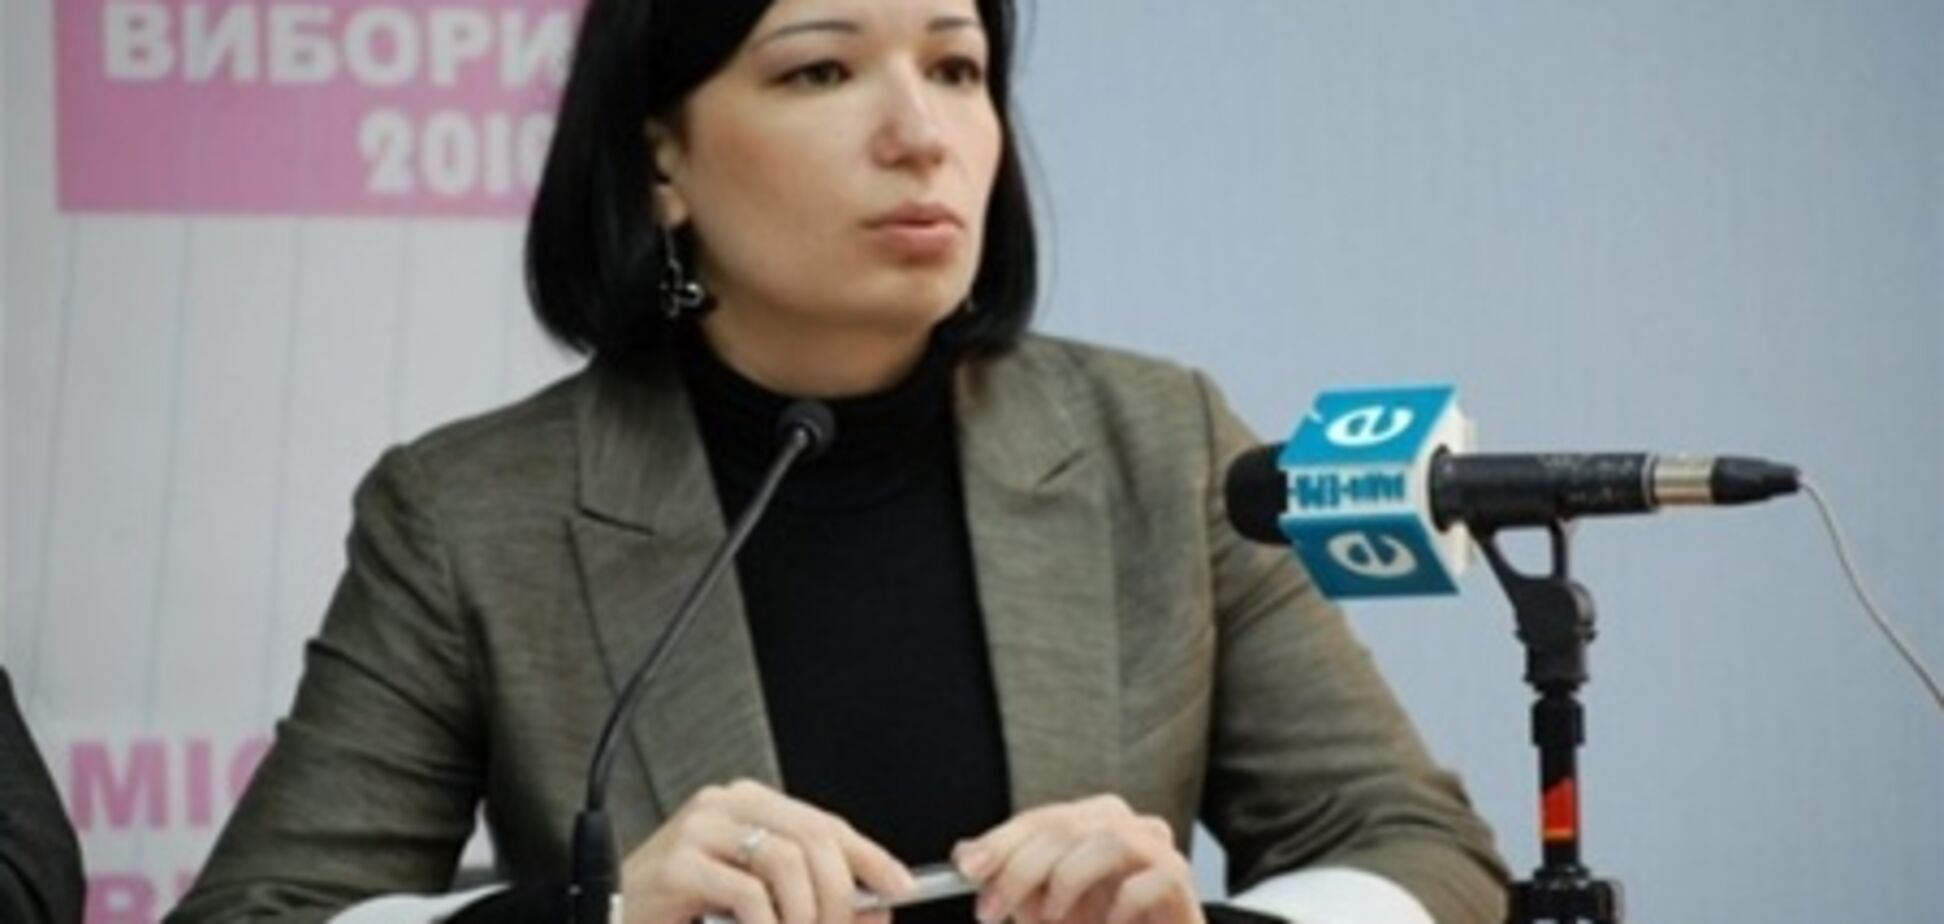 Айвазовська: підкуп виборців карається тюрмою від 2 до 5 років